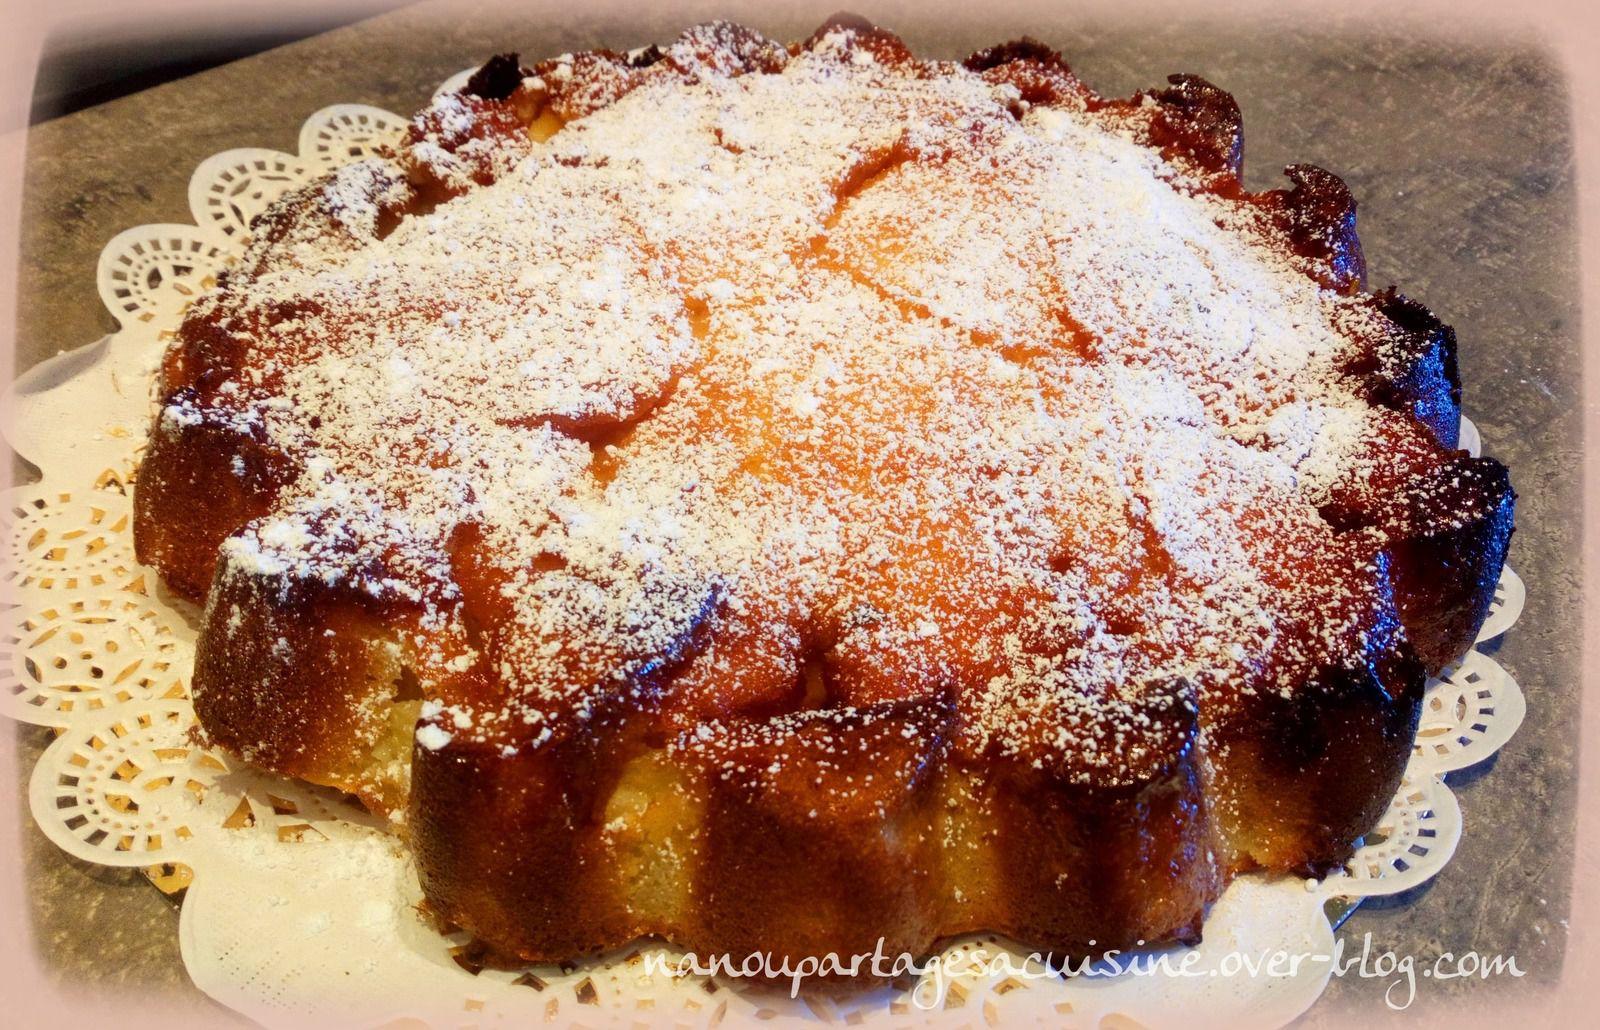 voilà un bon gâteau ou vous avez l'impression de croquer dans une pomme. Ultra facile rapide et très savoureux . Il se situe entre un entremet et un gâteau.